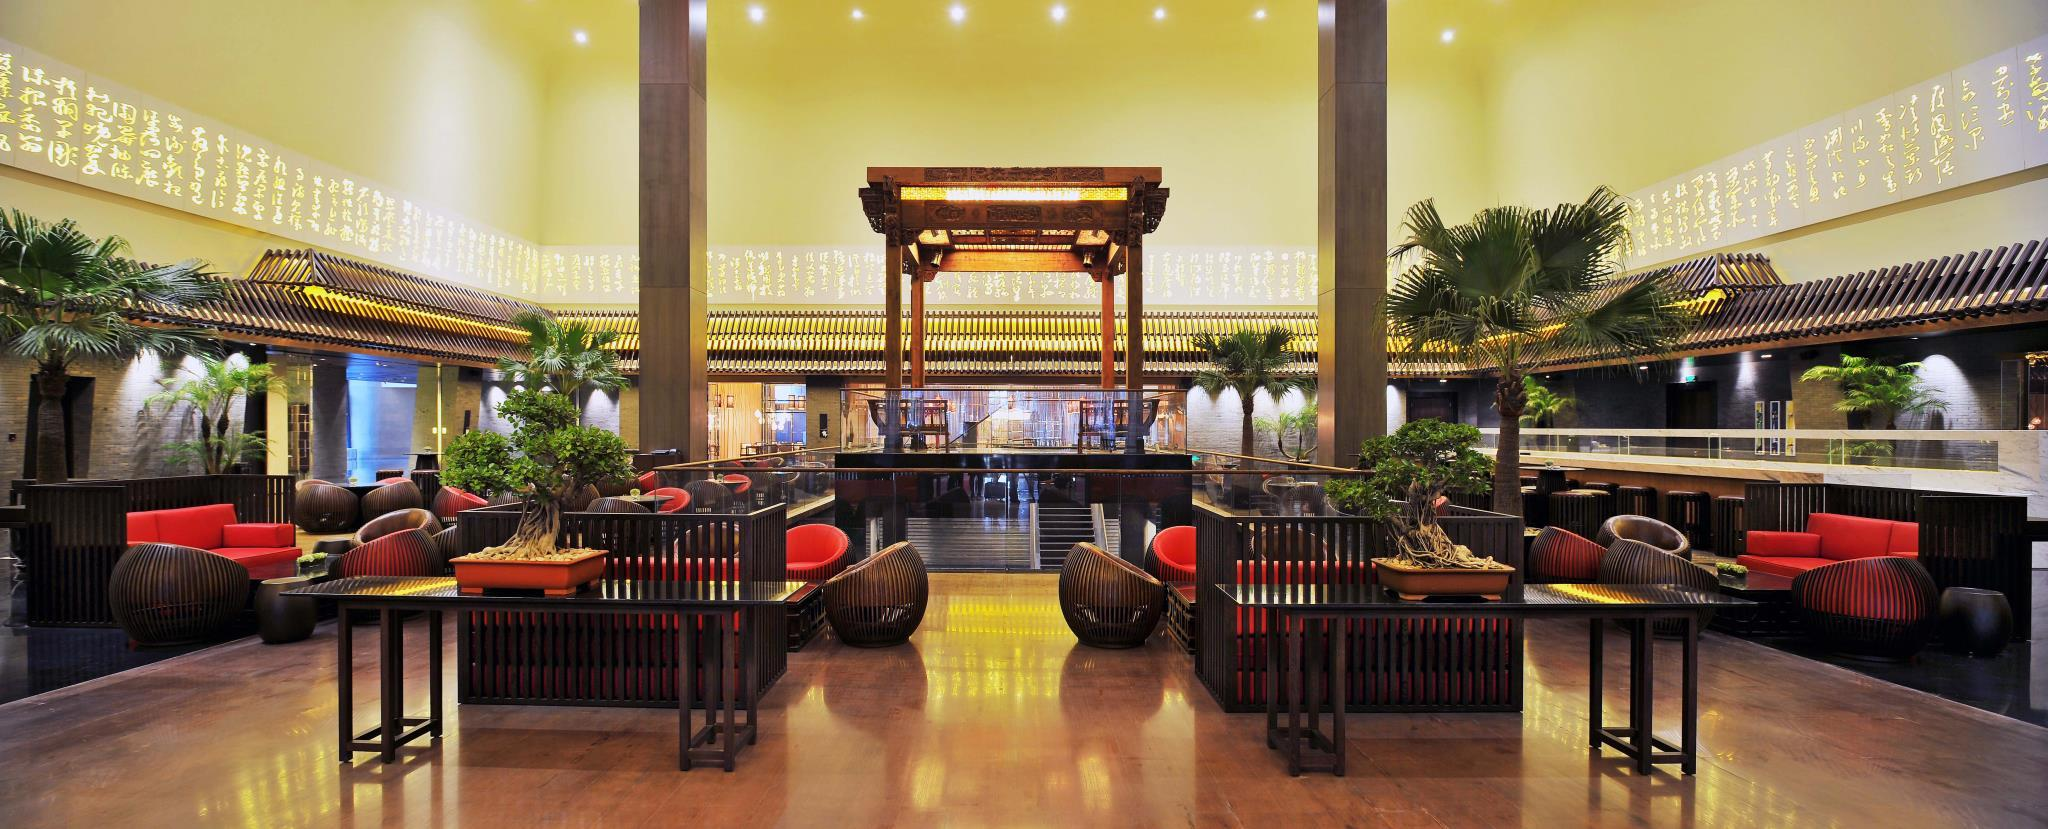 Price Jumeirah Himalayas Hotel Shanghai